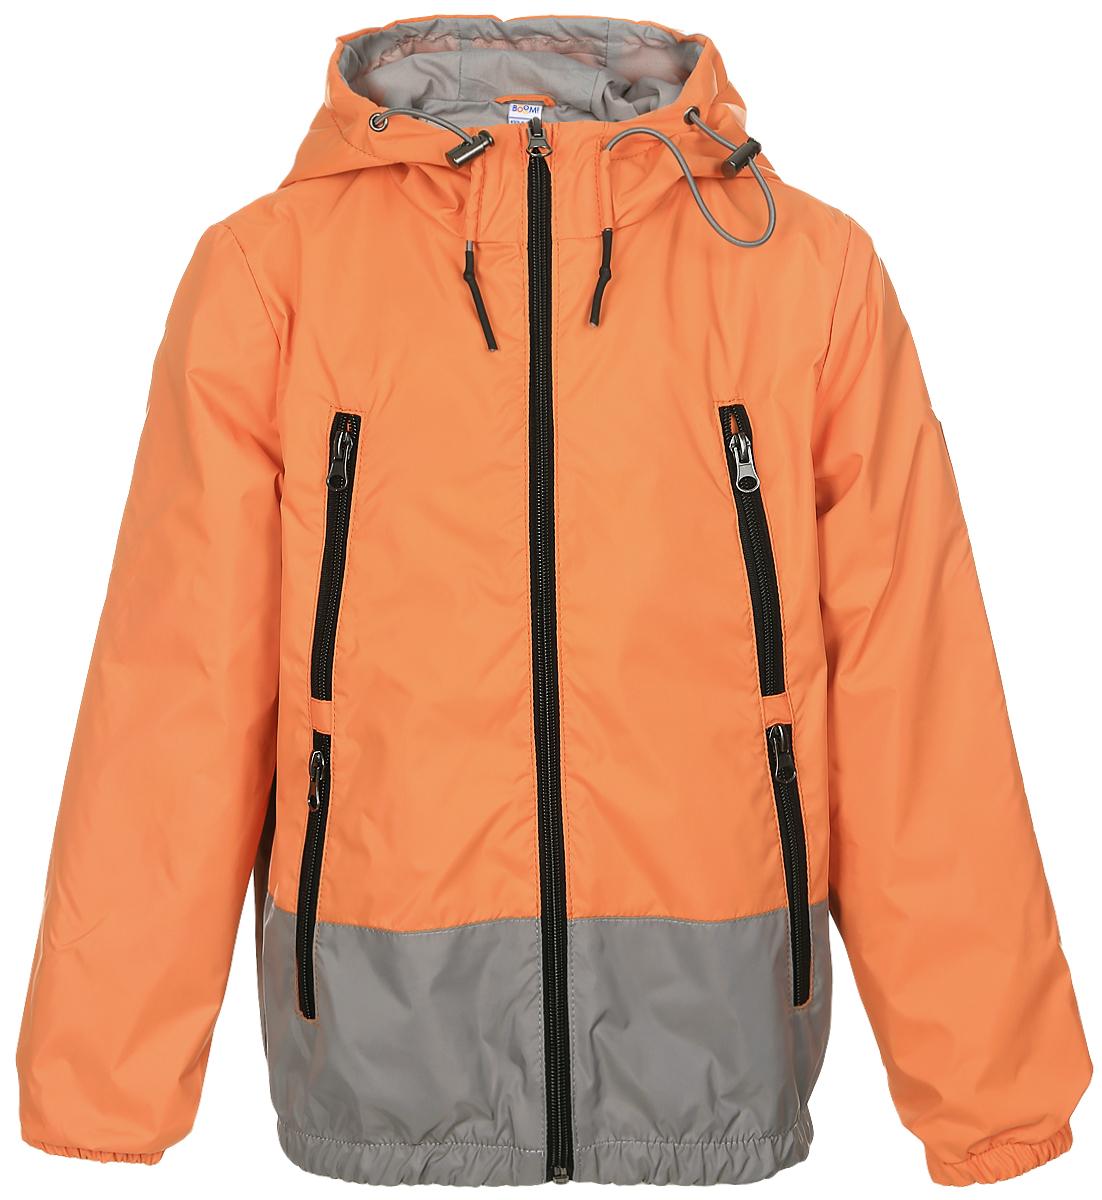 Куртка для мальчика Boom!, цвет: оранжевый. 70038_BOB_вар.2. Размер 146, 10-11 лет70038_BOB_вар.2Легкая куртка для мальчика Boom! c длинными рукавами и несъемным капюшоном выполнена из прочного полиэстера. Модель застегивается на застежку-молнию спереди. Объем капюшона регулируется при помощи шнурка-кулиски со стопперами. Изделие имеет четыре прорезных кармана на застежках-молниях спереди. Рукава оснащены широкими эластичными манжетами. Модель растет вместе с ребенком: специальный крой позволяет при необходимости увеличить длину рукавов на один размер.